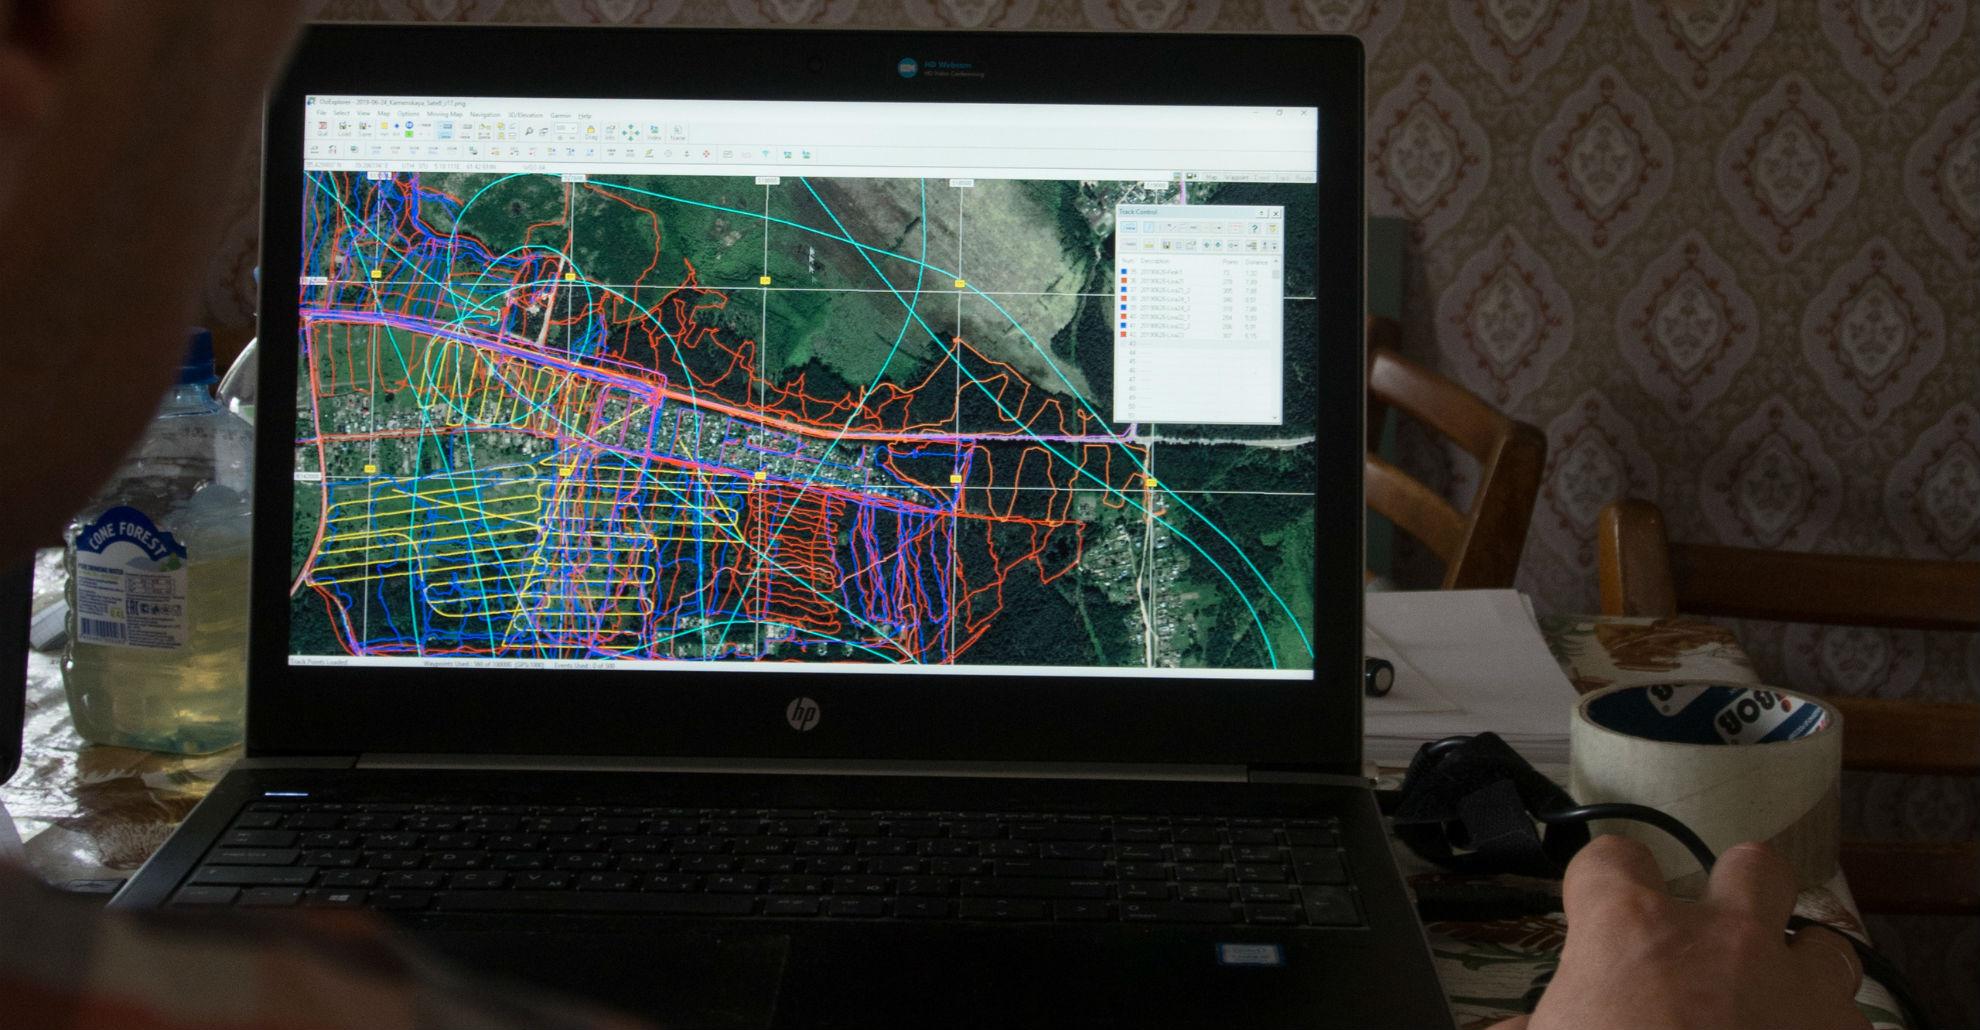 Лес не сдается технологиям поиска, но инженеры наносят ответный удар - 1